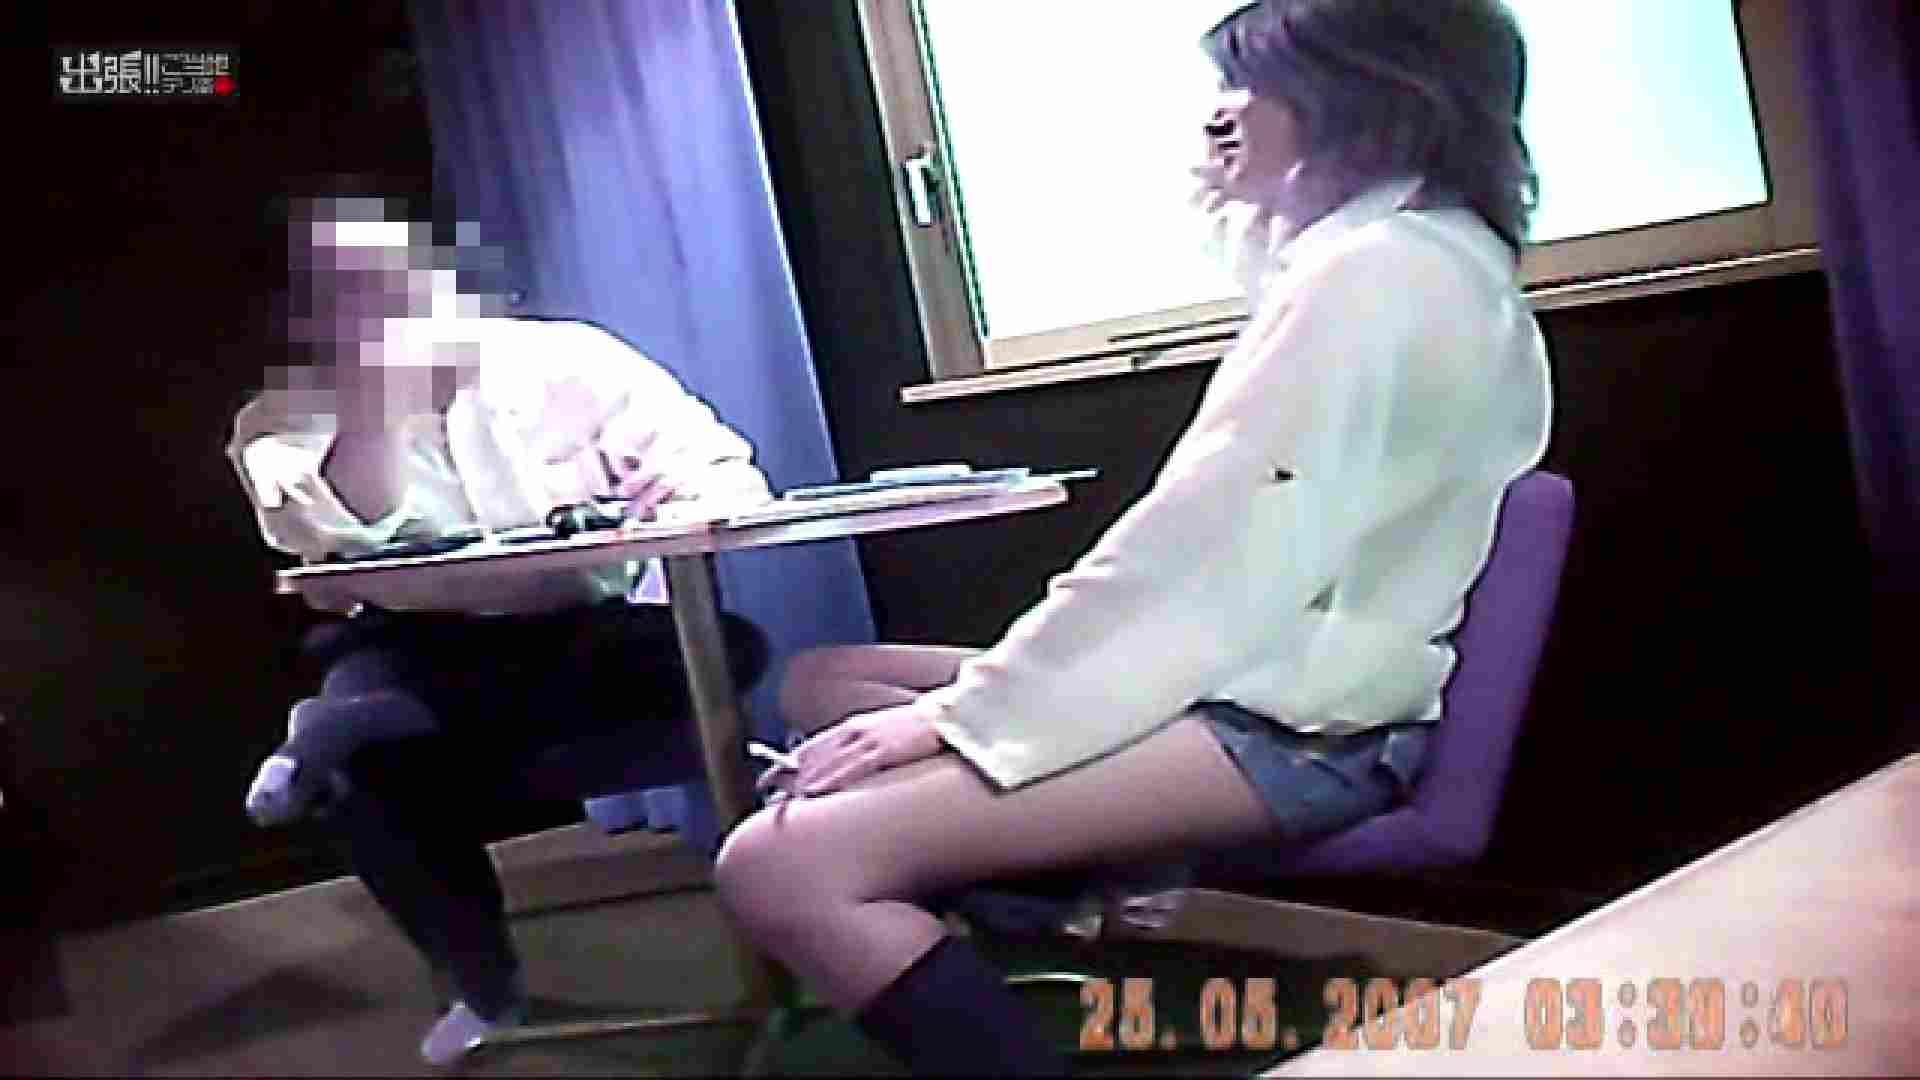 出張リーマンのデリ嬢隠し撮り第3弾vol.5 盗撮映像 おめこ無修正画像 100枚 46